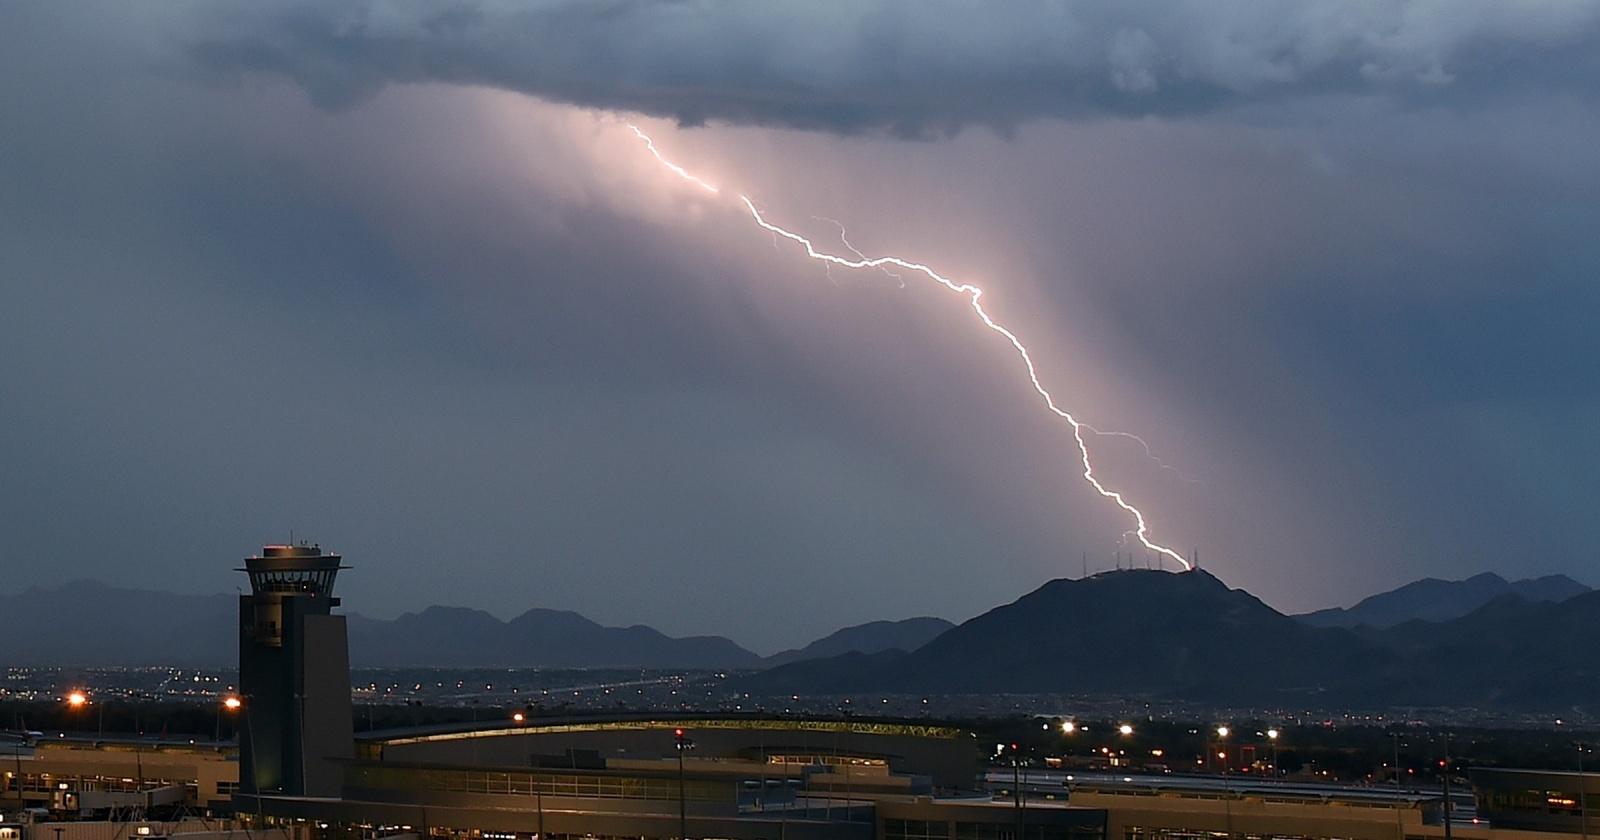 Пугающая красота природы: молнии снятые с борта самолета